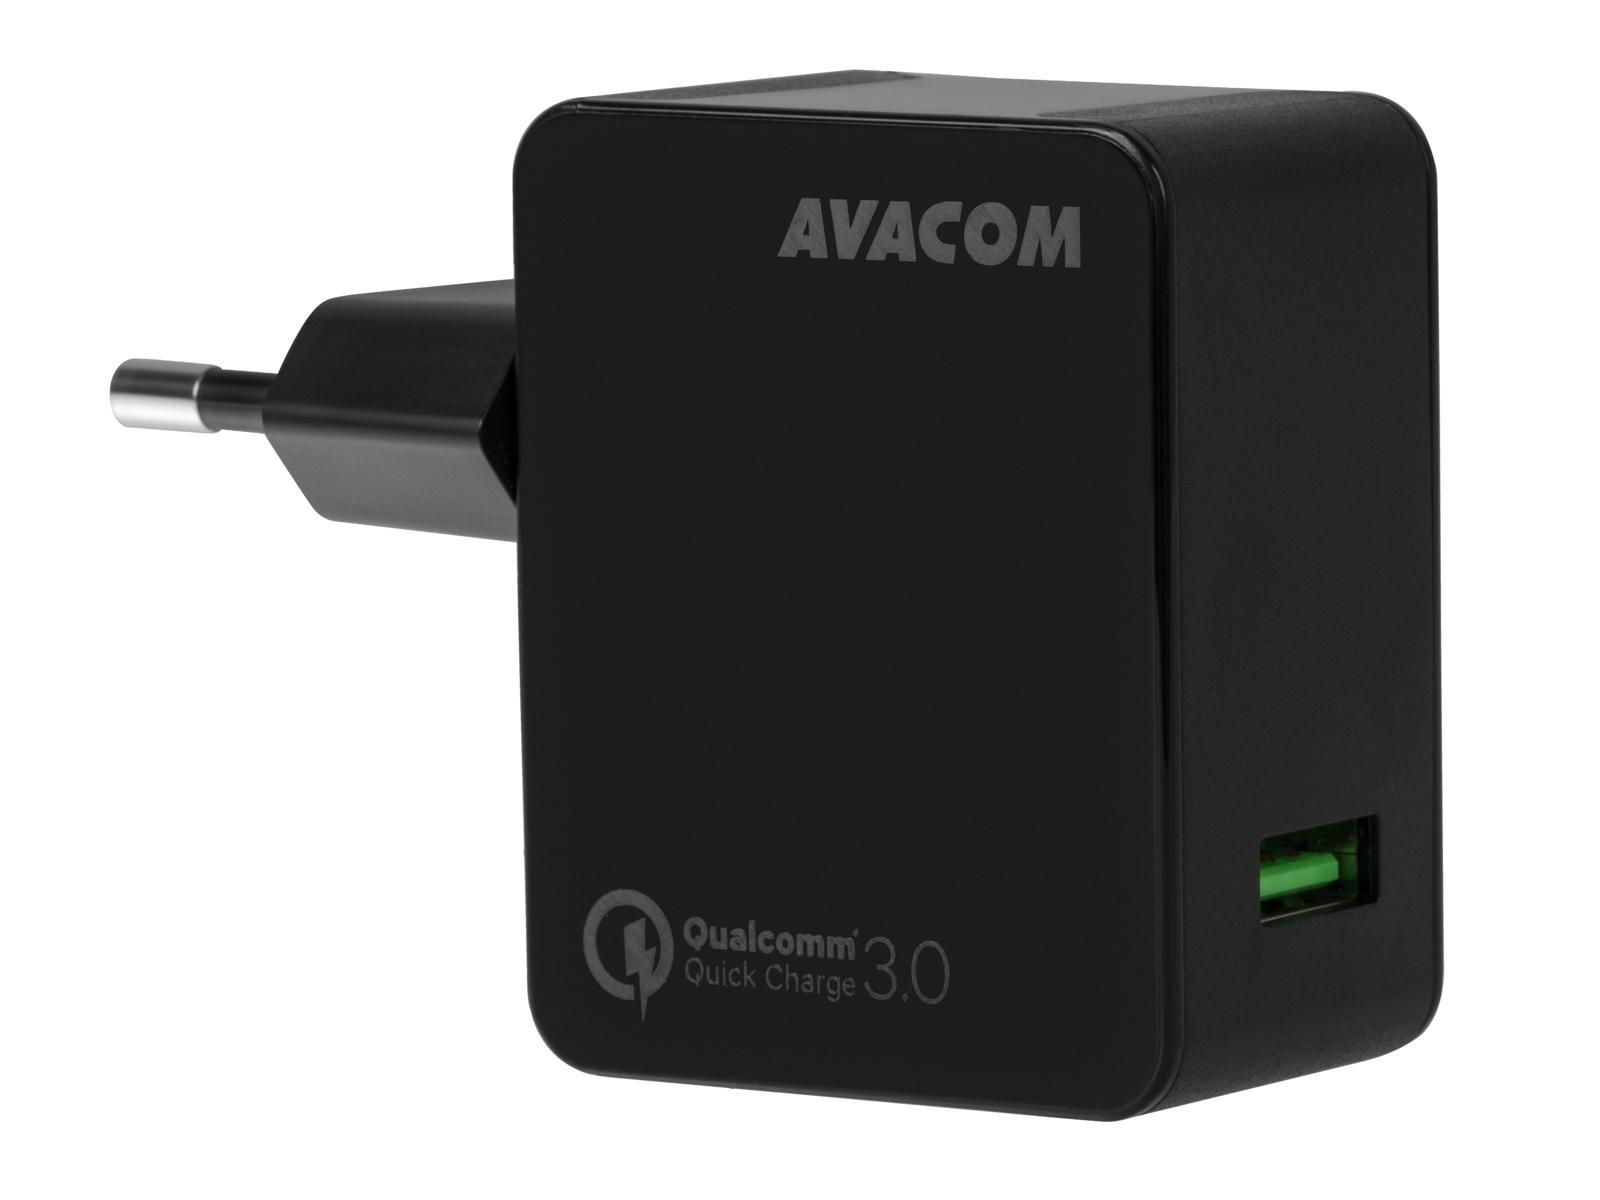 AVACOM HomeMAX síťová nabíječka Qualcomm Quick Charge 3.0, černá